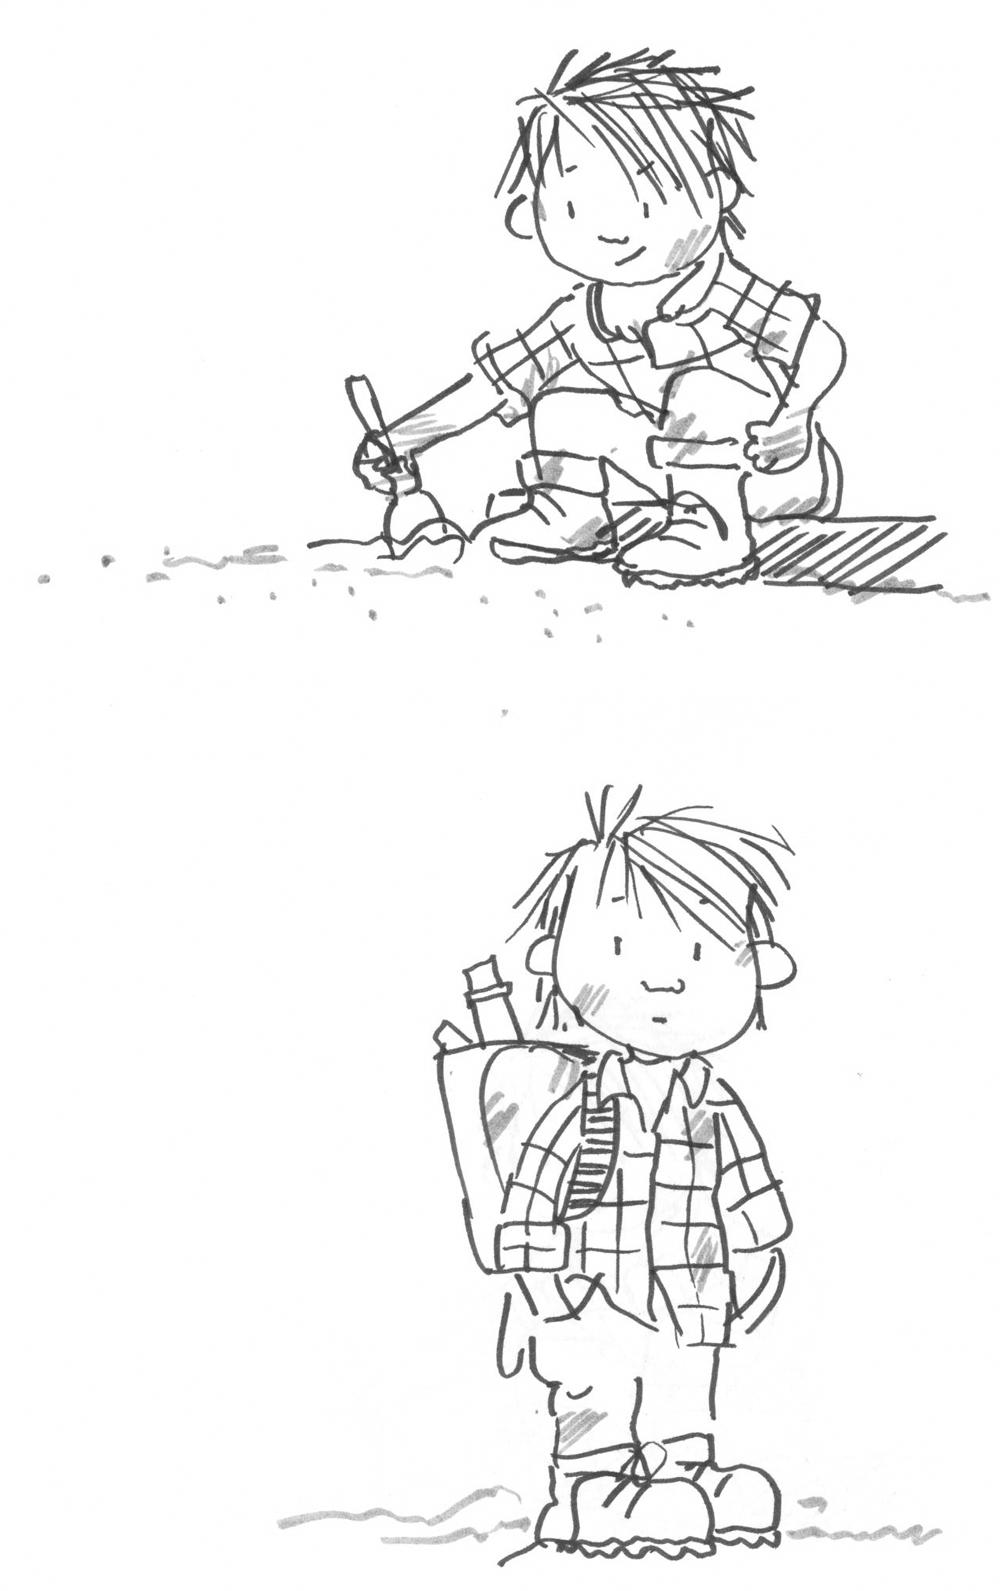 boy-sketch-SS.jpg